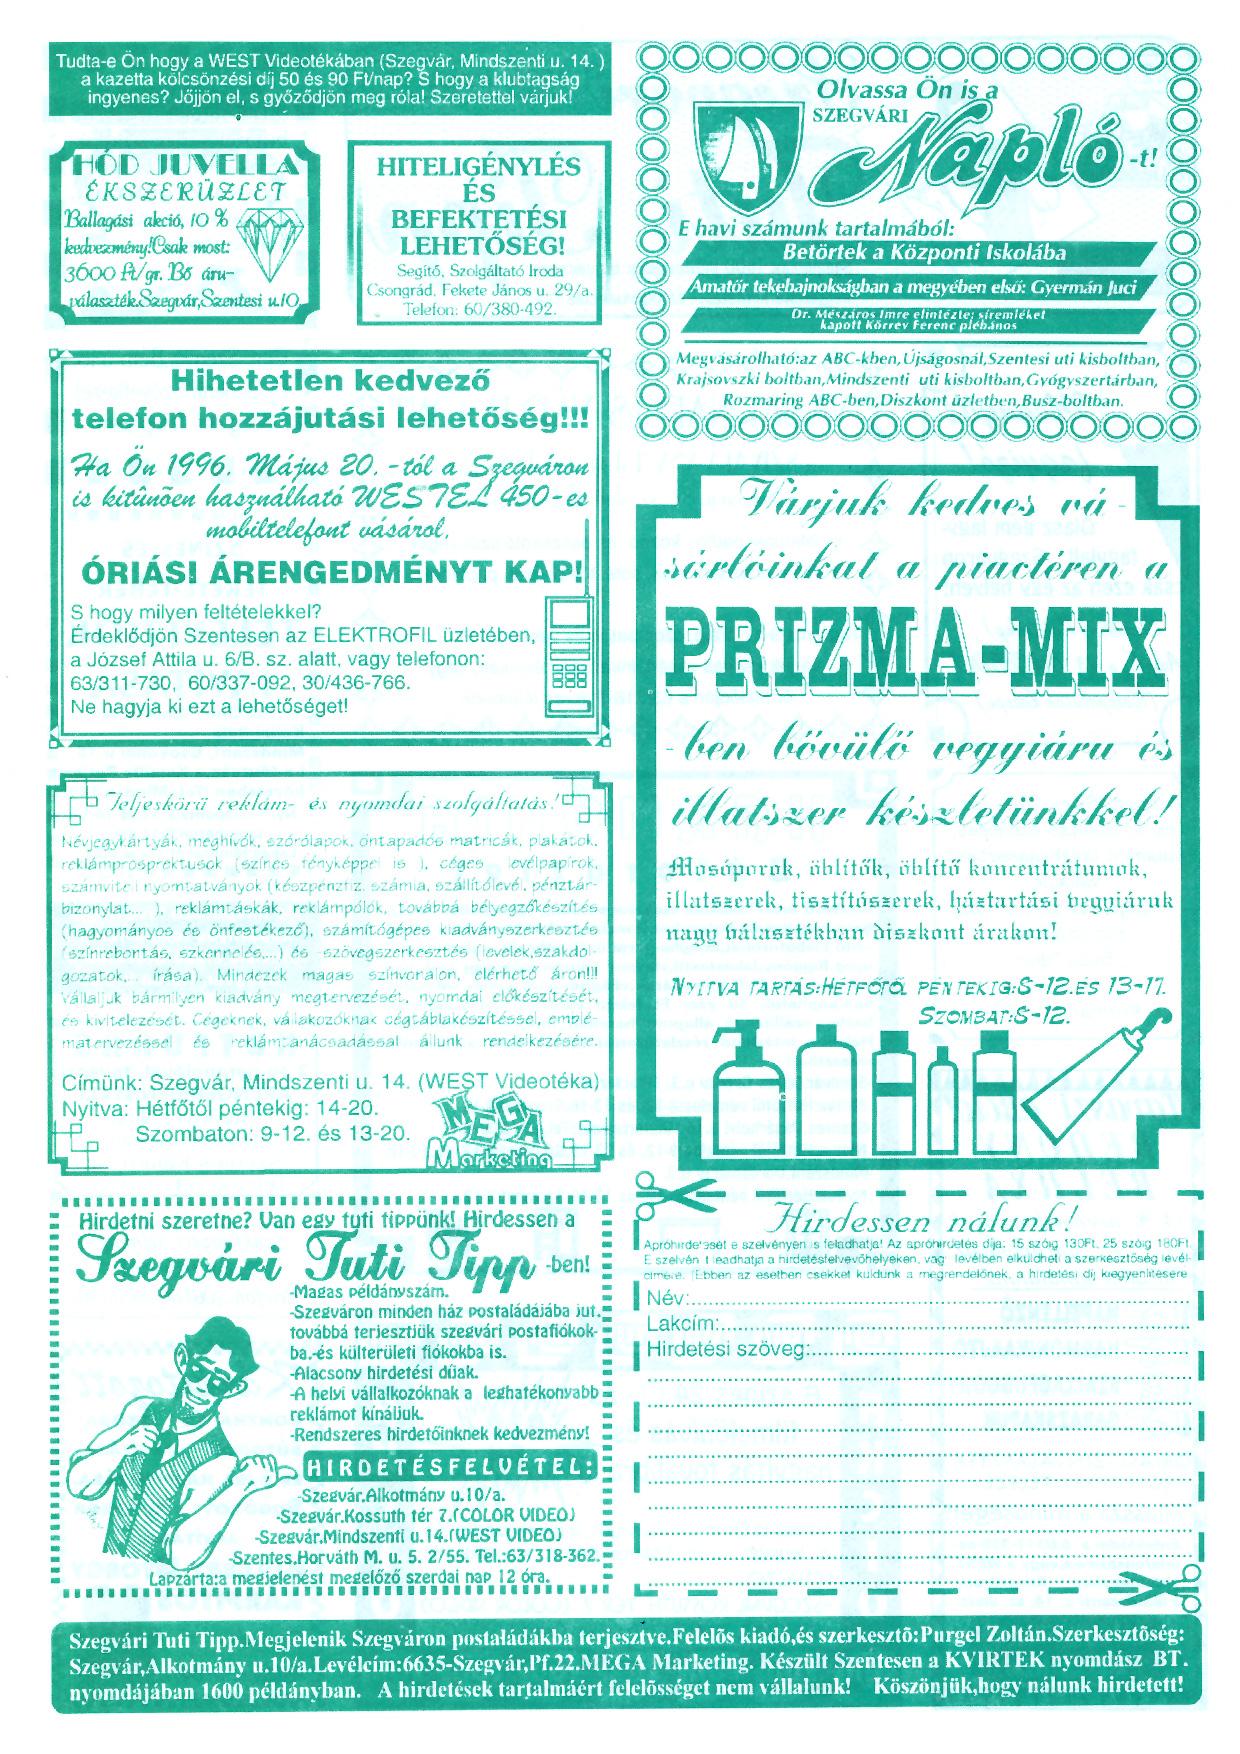 022 Szegvári Tuti Tipp reklámújság - 19960518-022. lapszám - 2.oldal - II. évfolyam.jpg